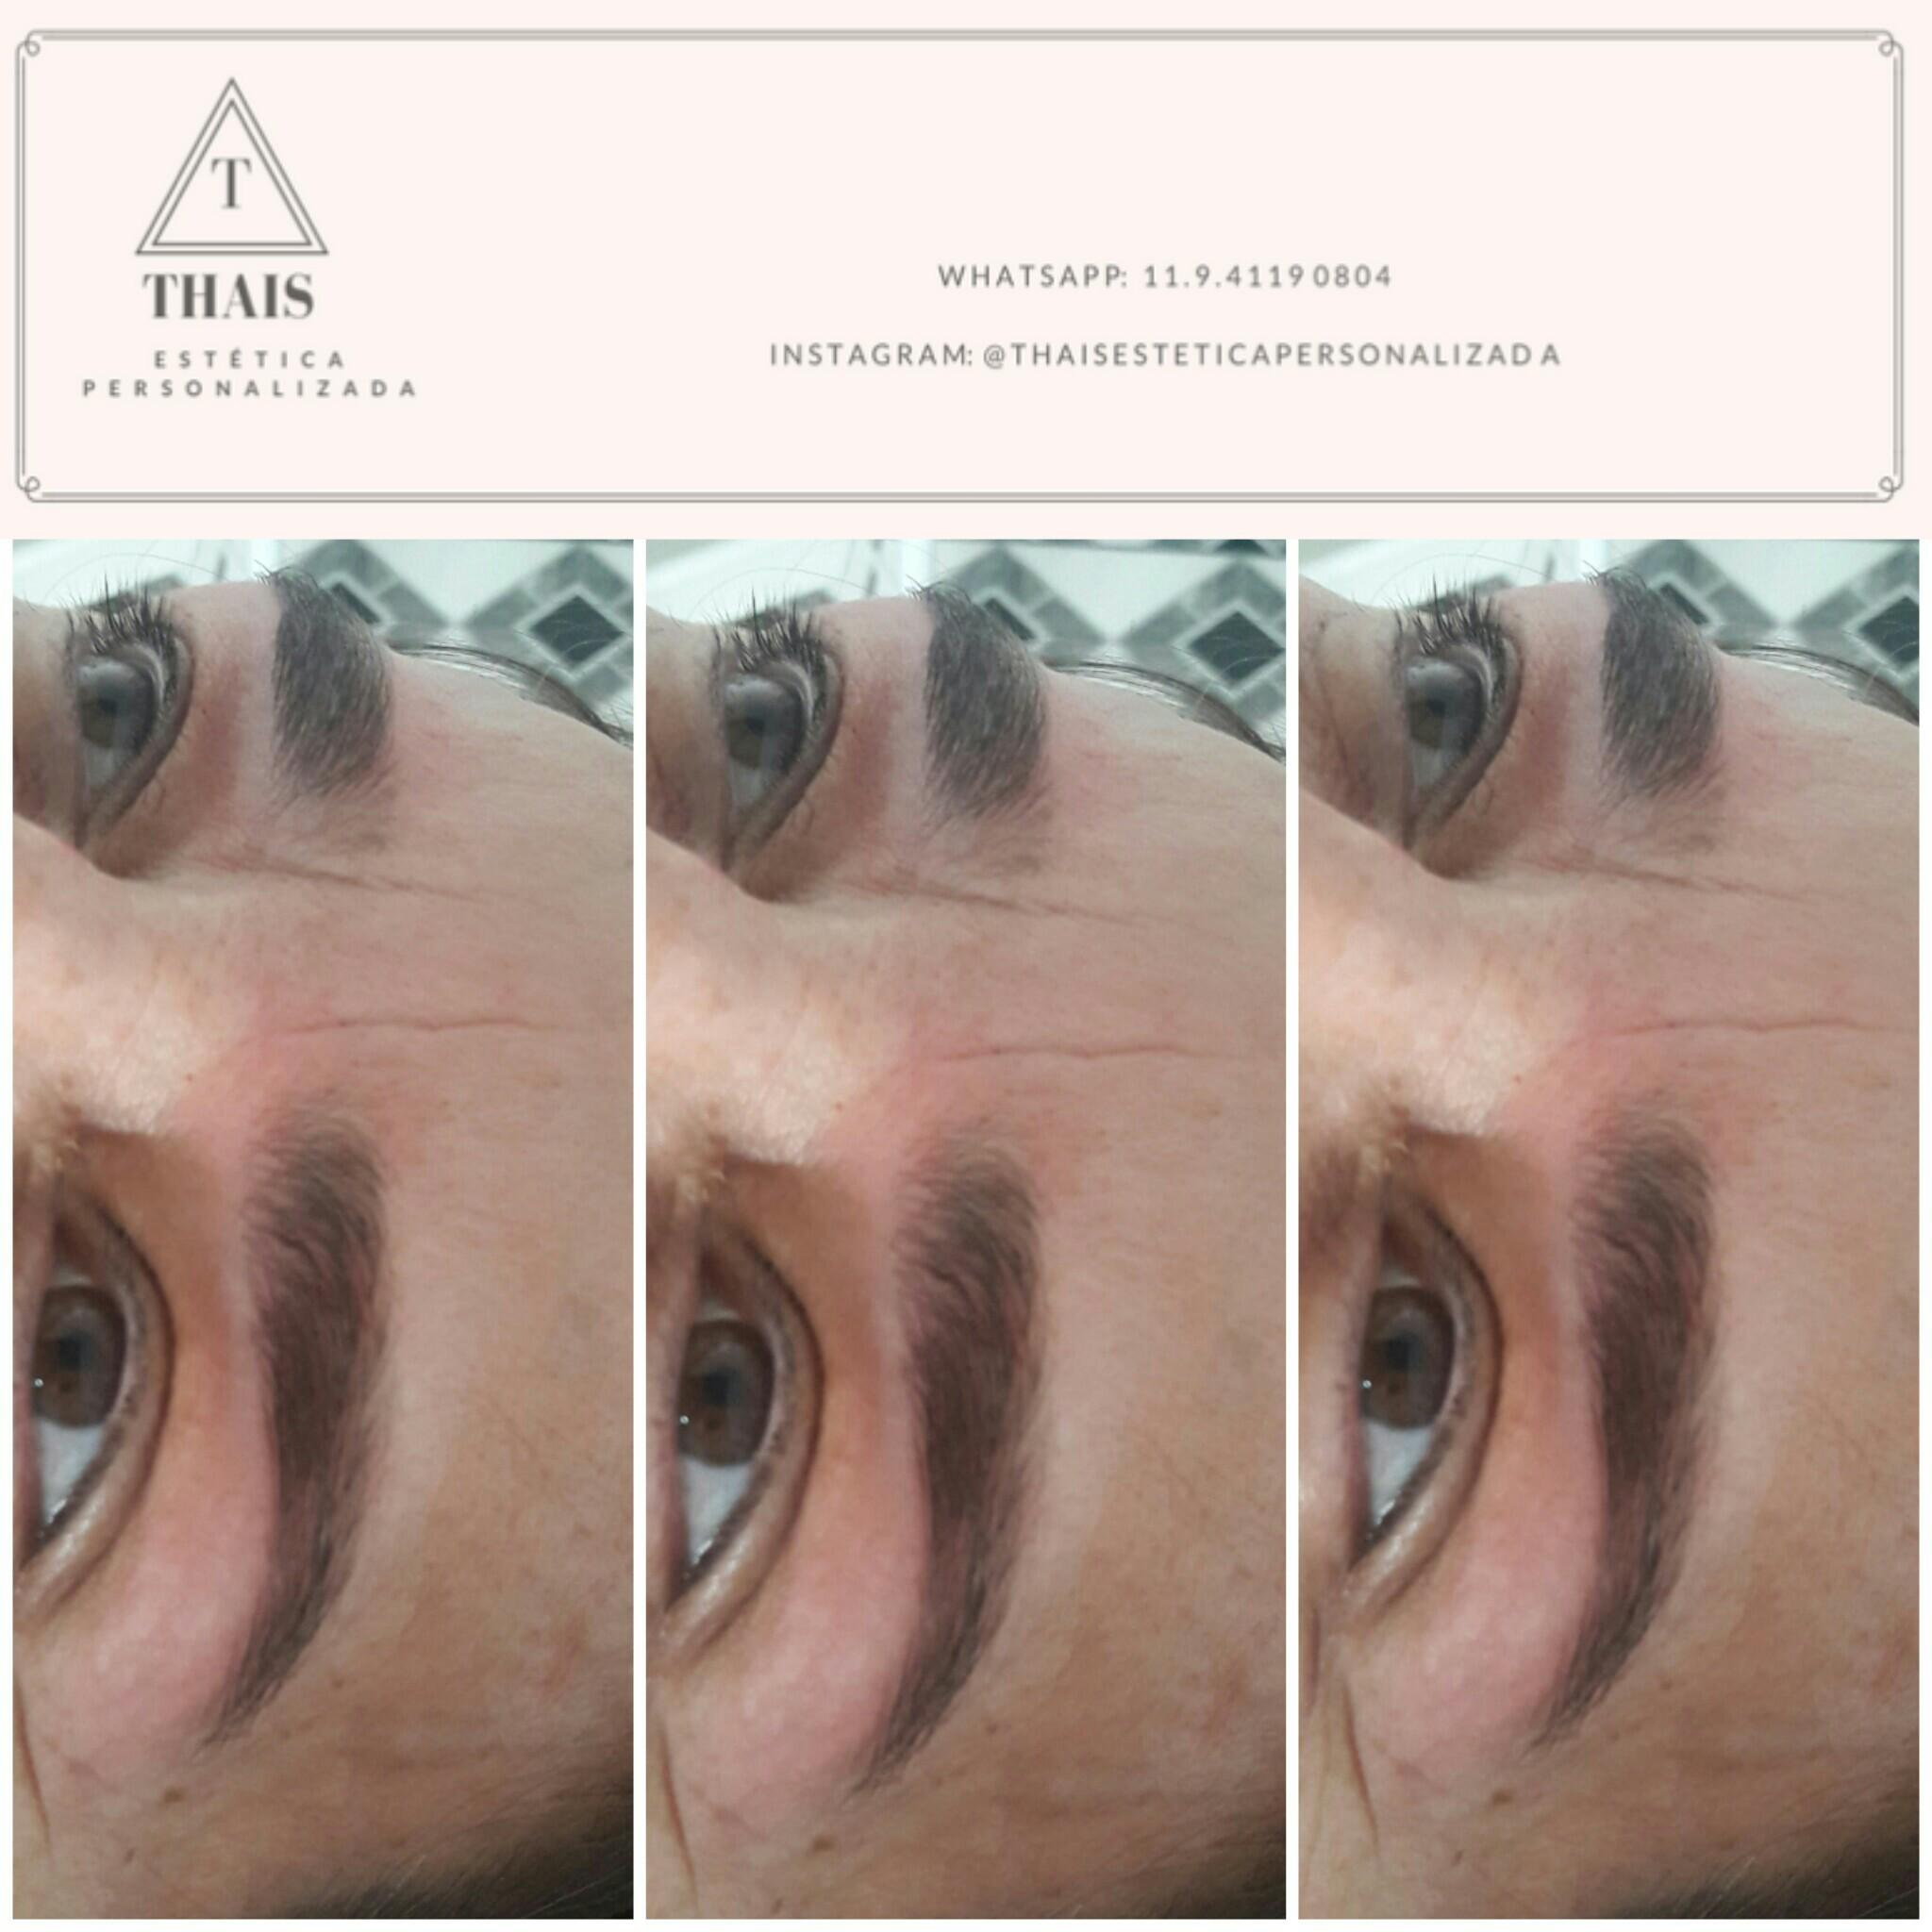 Design de sobrancelhas com pinça!  #esteticando #designdesobrancelhas #pinça #esteticafacial esteticista designer de sobrancelhas